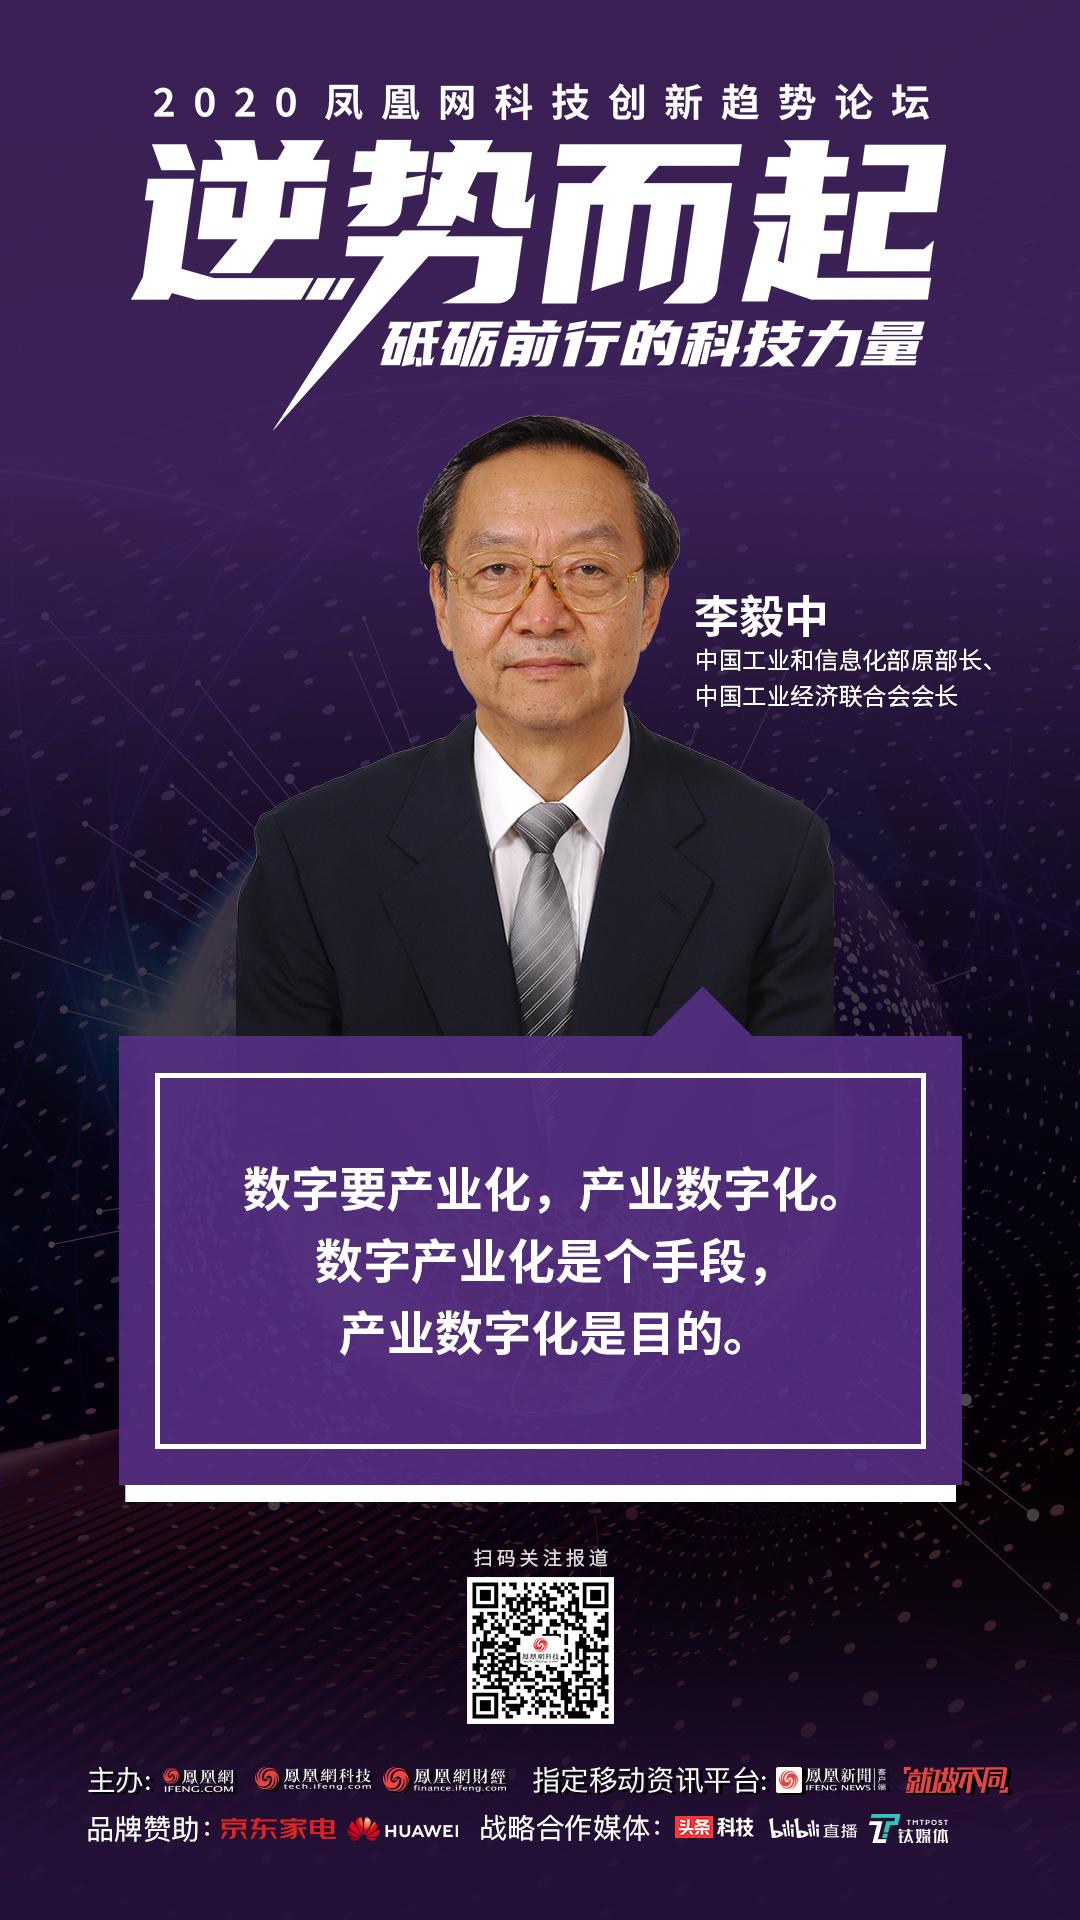 工信部原部长李毅中:应持续推进数字产业化和产业数字化